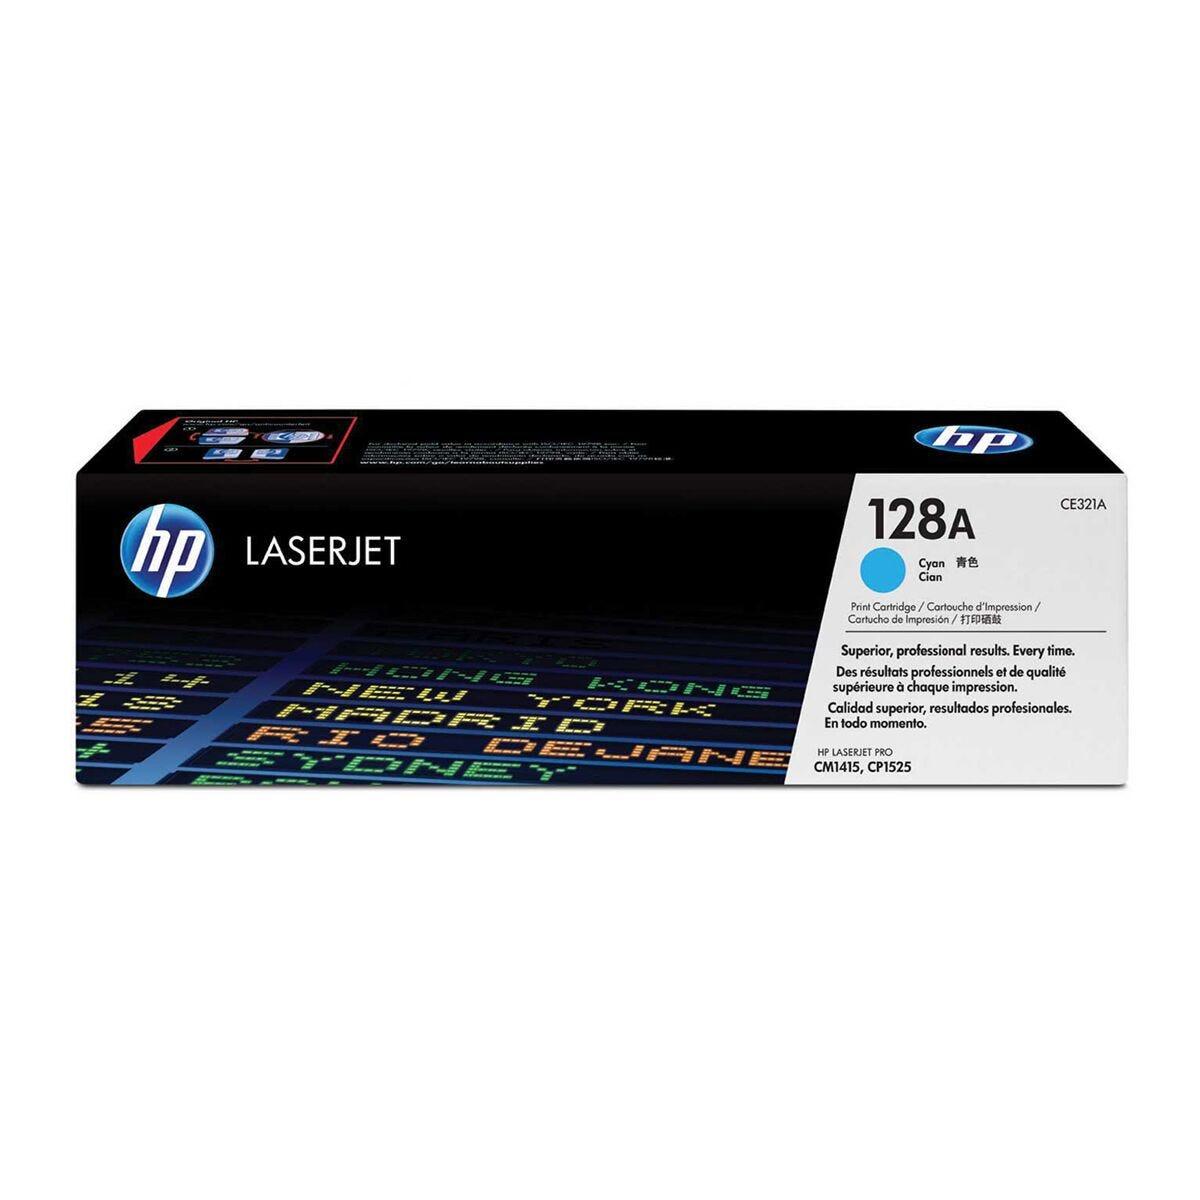 HP 128A Laserjet Ink Toner Cartridge Cyan CE321A